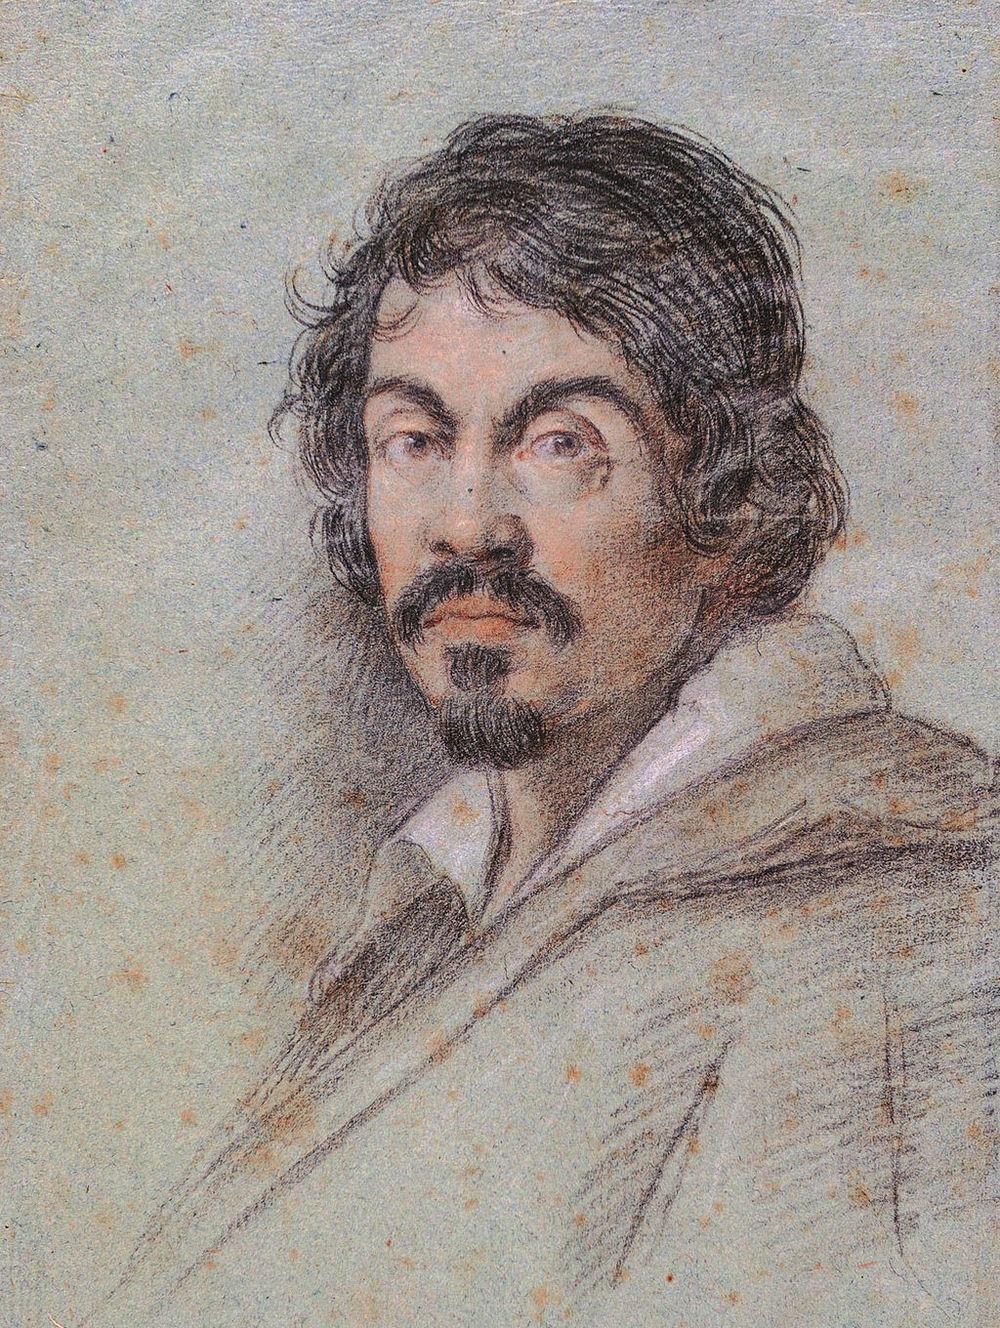 Caravaggio by Ottavio Leoni